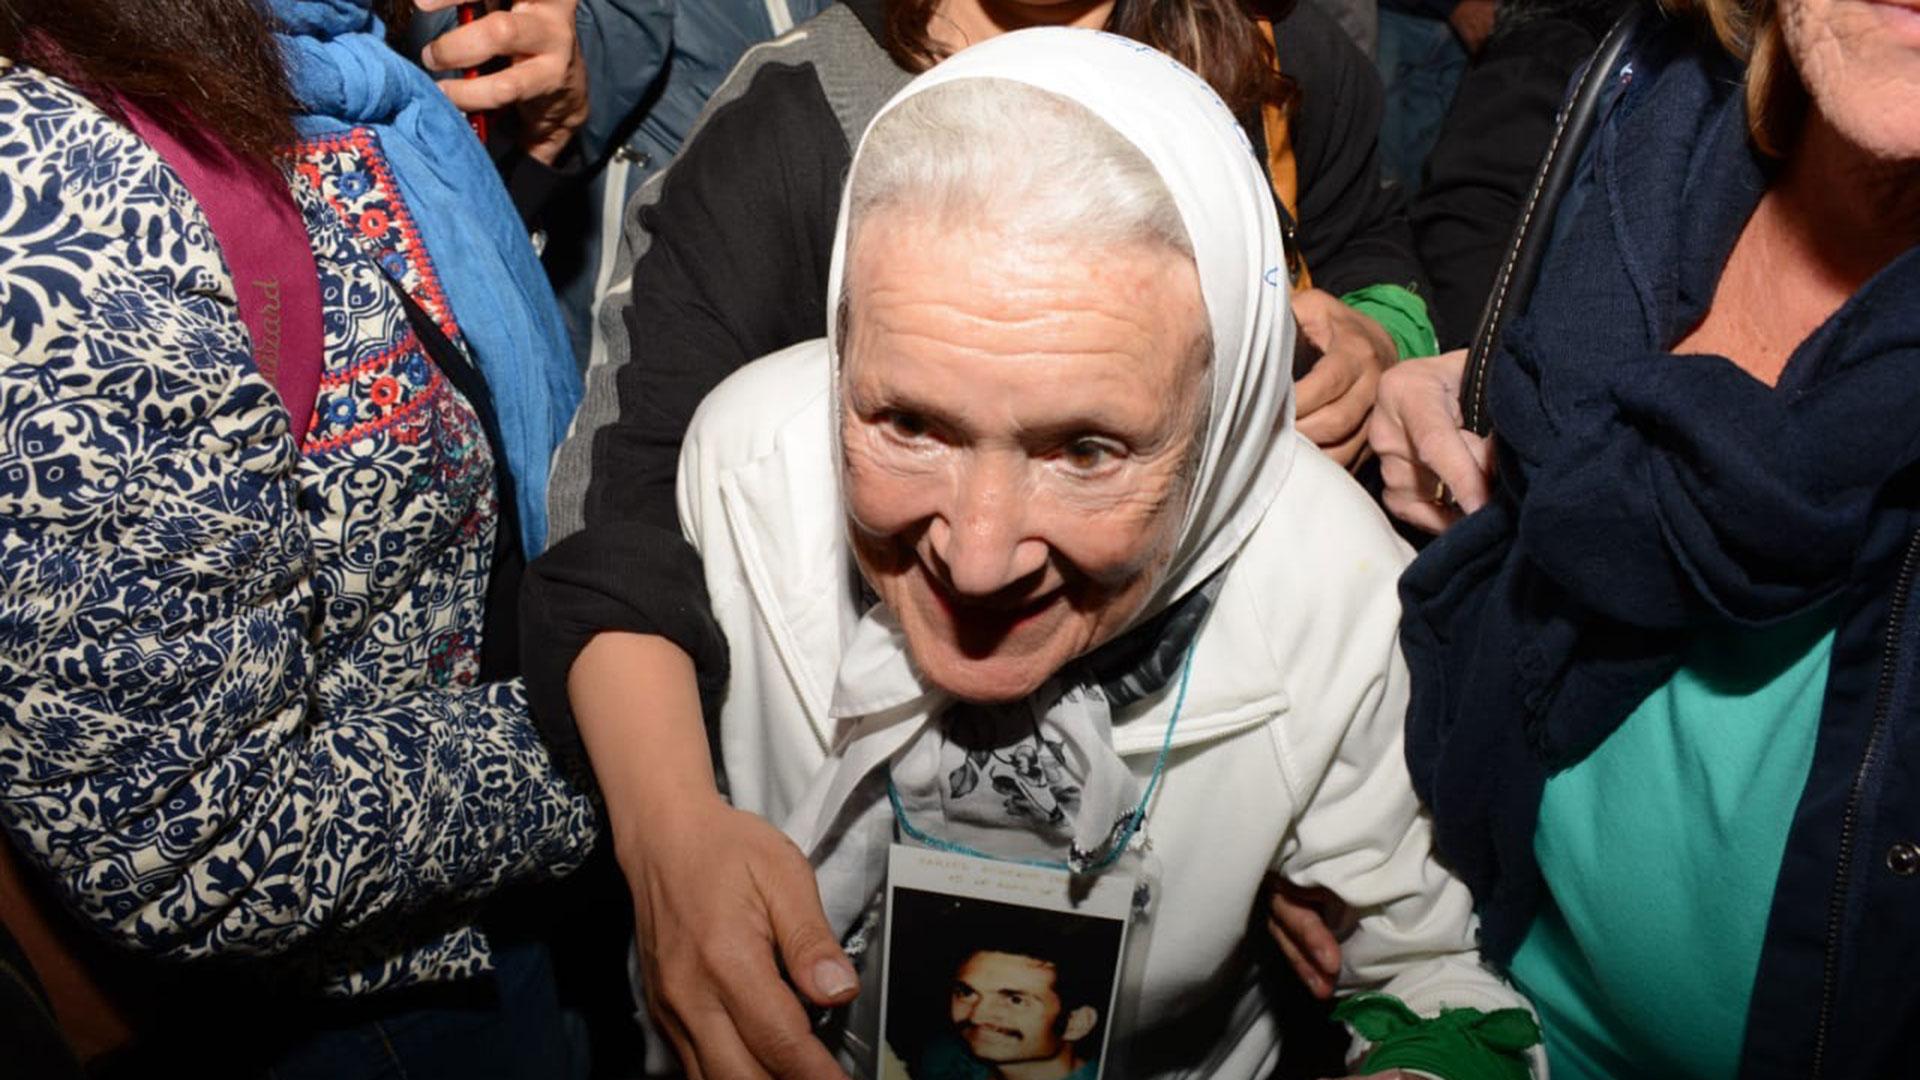 Nora Cortiñas presenció la marcha y se retiró a los pocos minutos